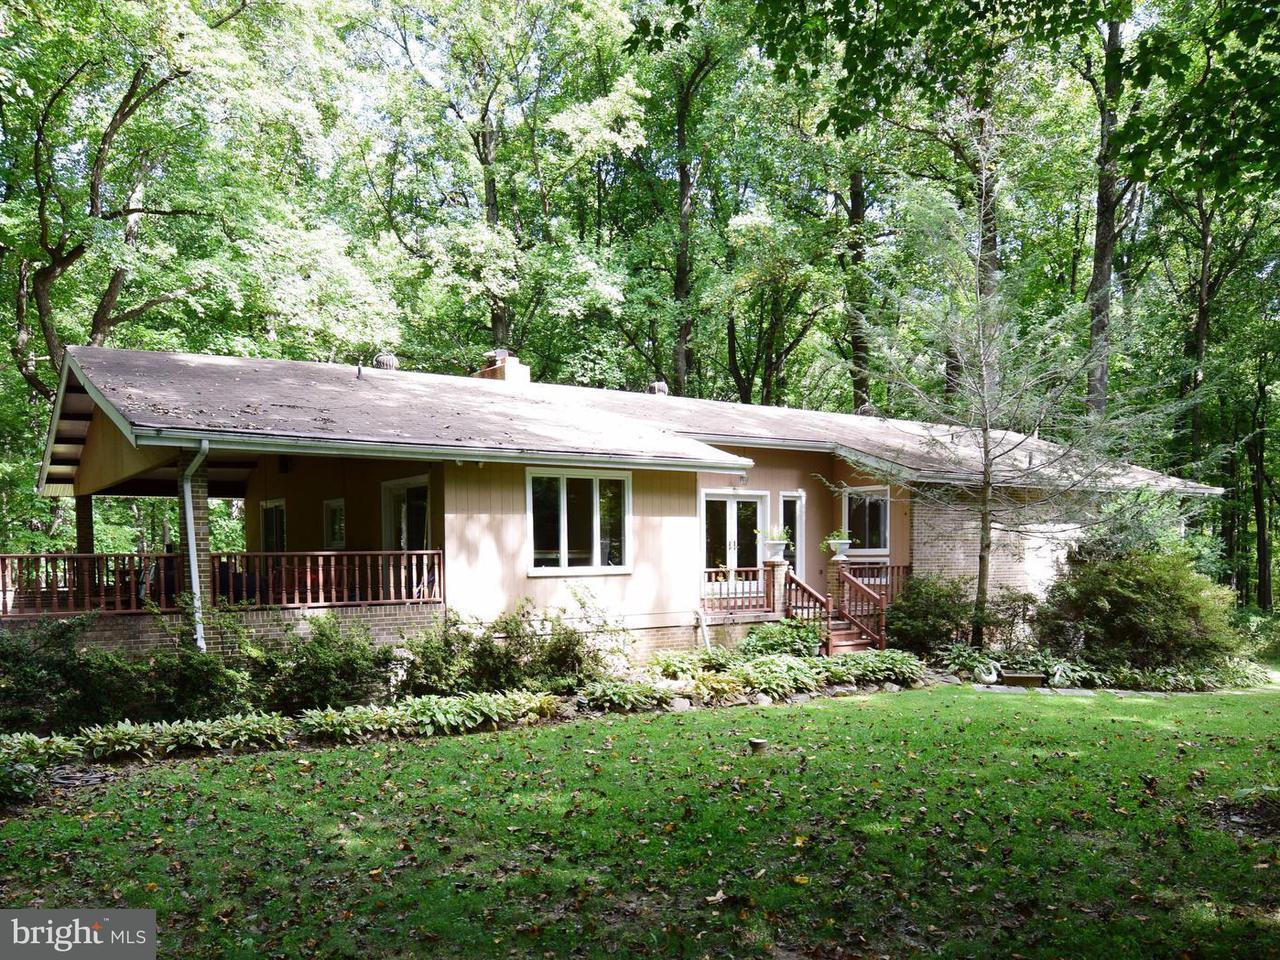 Частный односемейный дом для того Продажа на 4551 TEN OAKS Road 4551 TEN OAKS Road Dayton, Мэриленд 21036 Соединенные Штаты